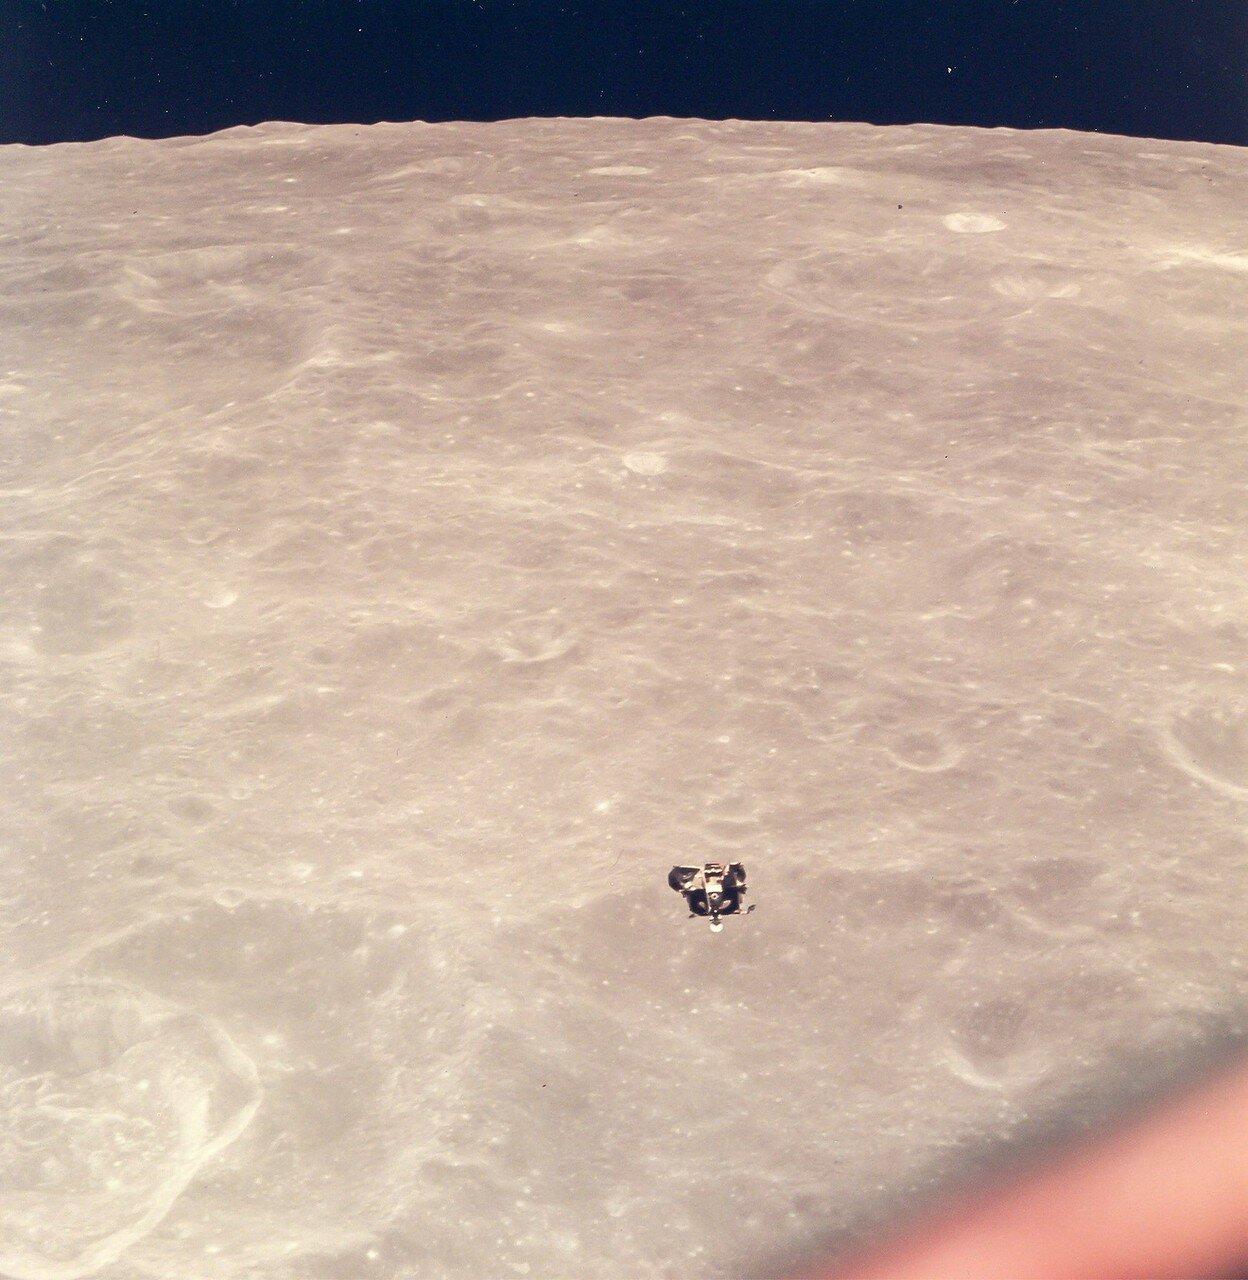 Через 7 минут после старта с Луны «Орёл» вышел на промежуточную орбиту с периселением 17 км и апоселением 87 км